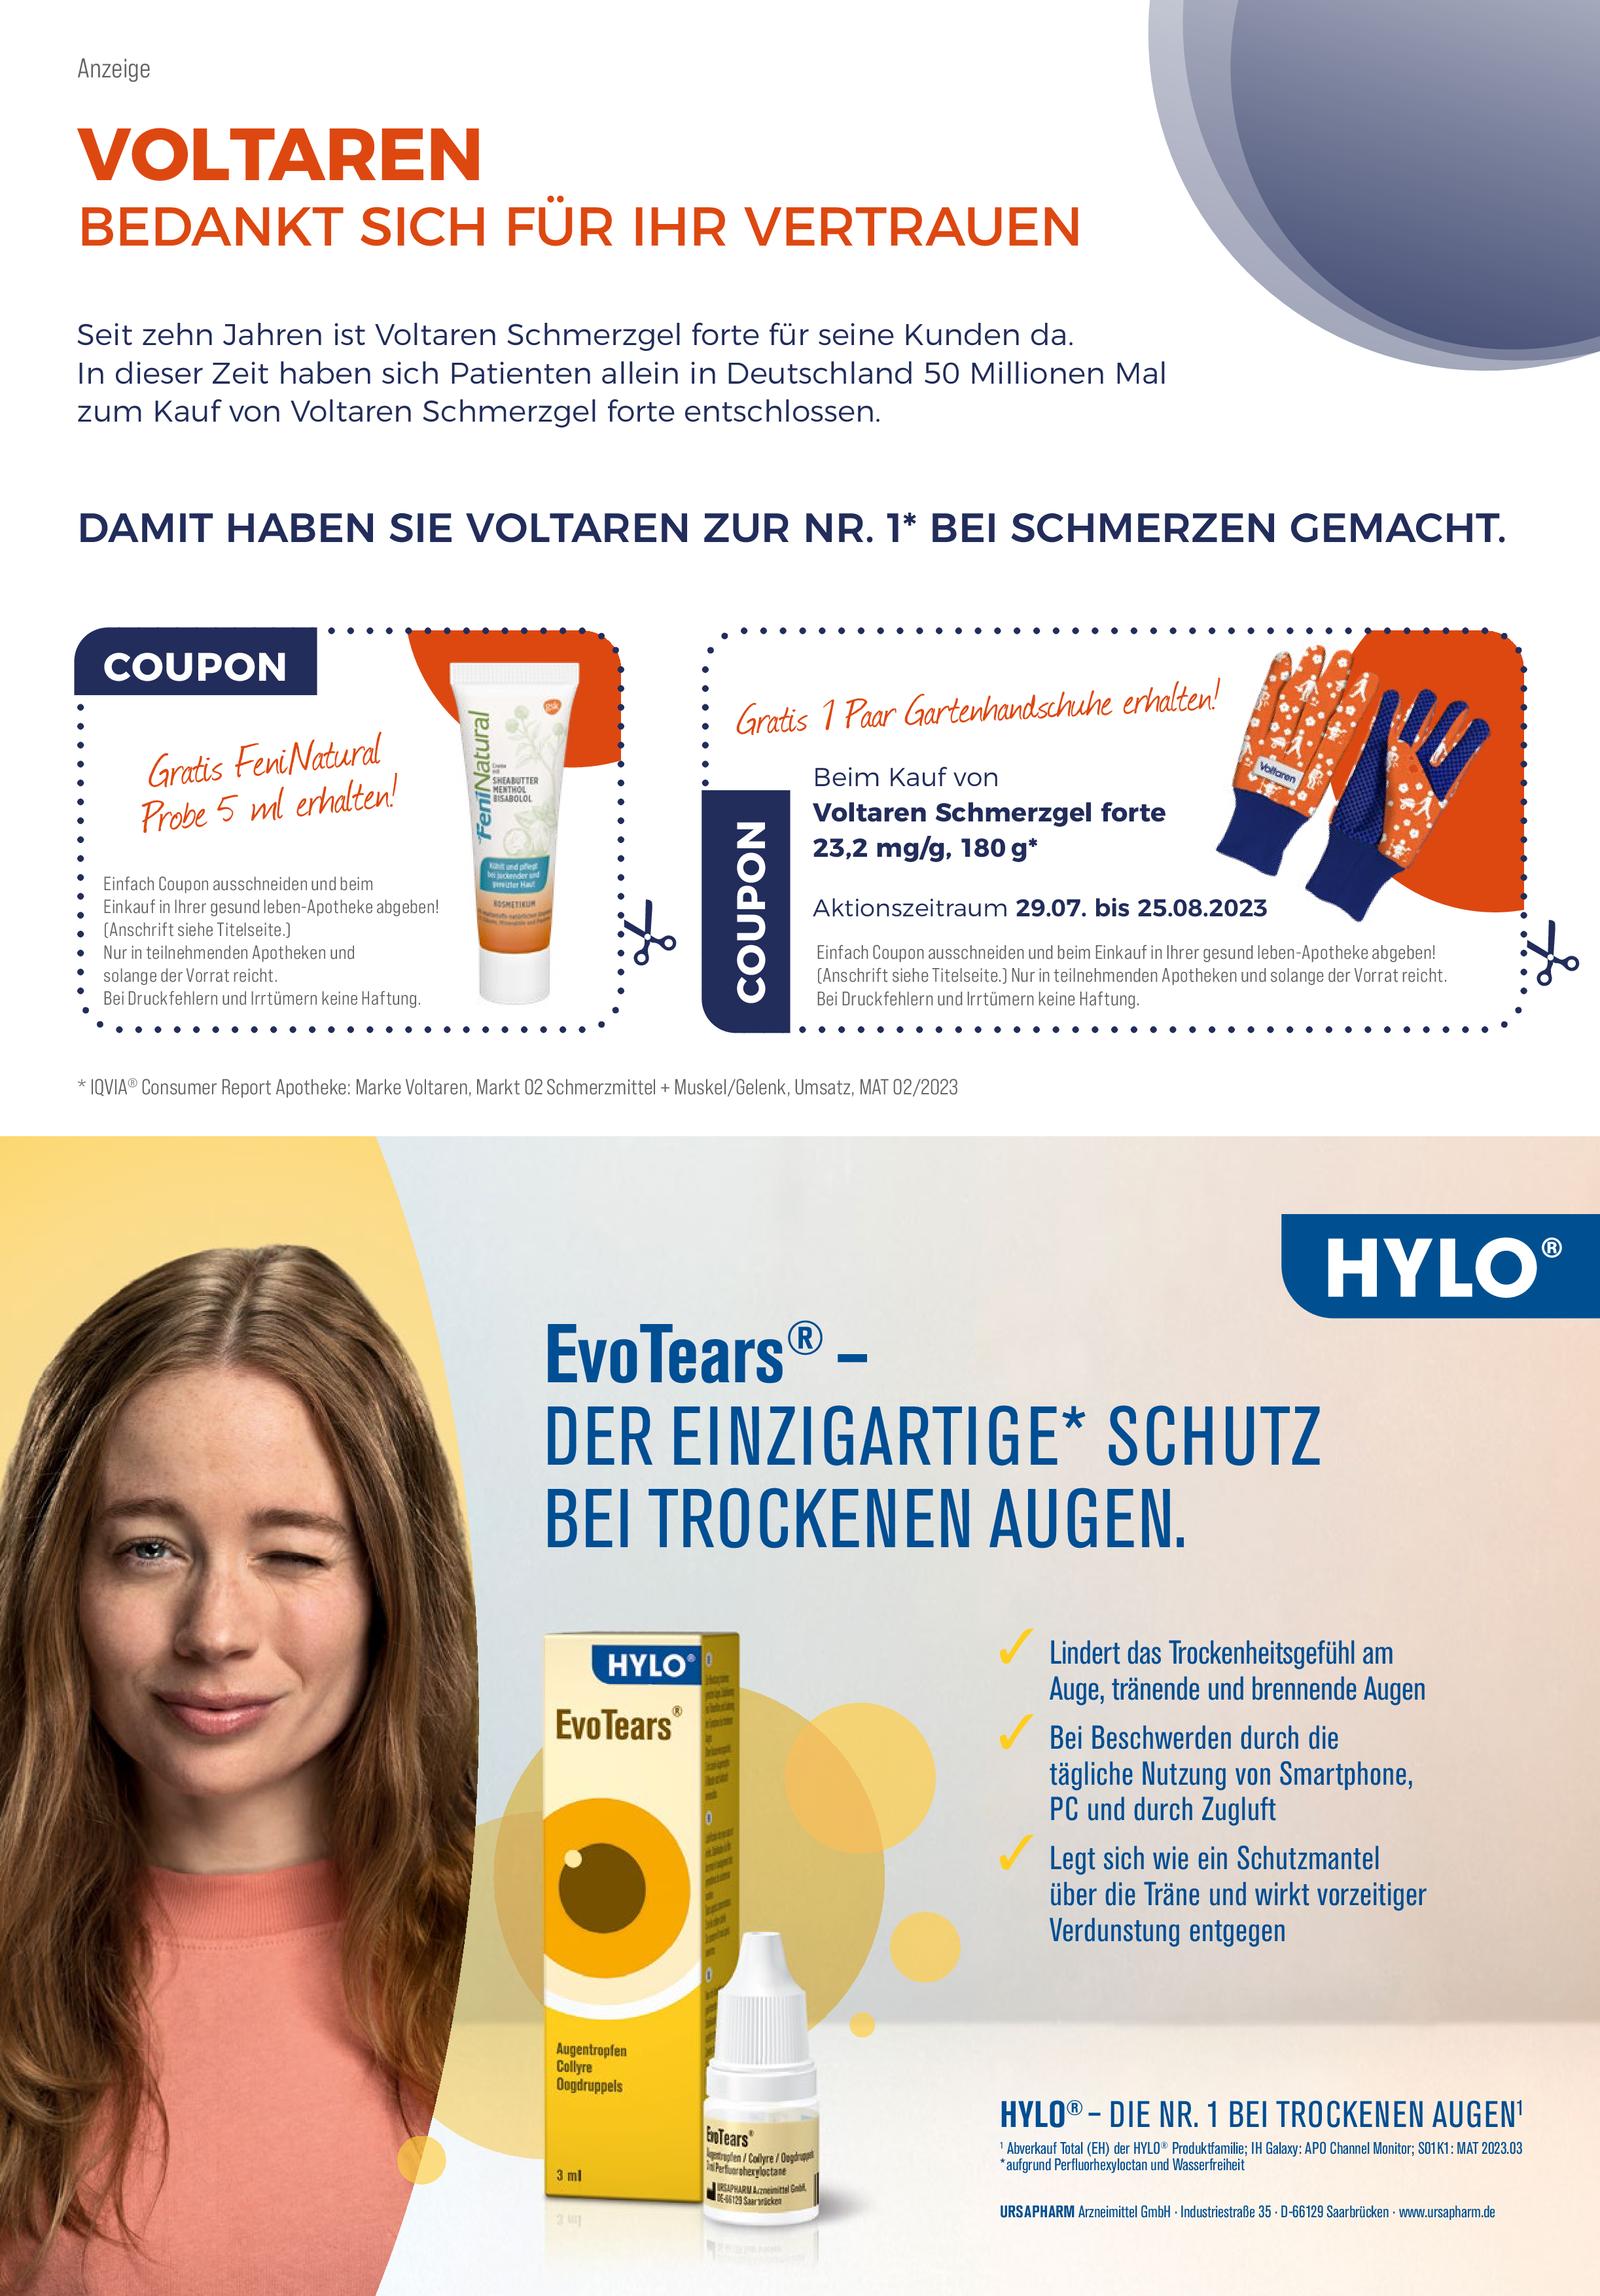 https://mein-uploads.apocdn.net/20514/leaflets/gesundleben_mittel-Seite6.png